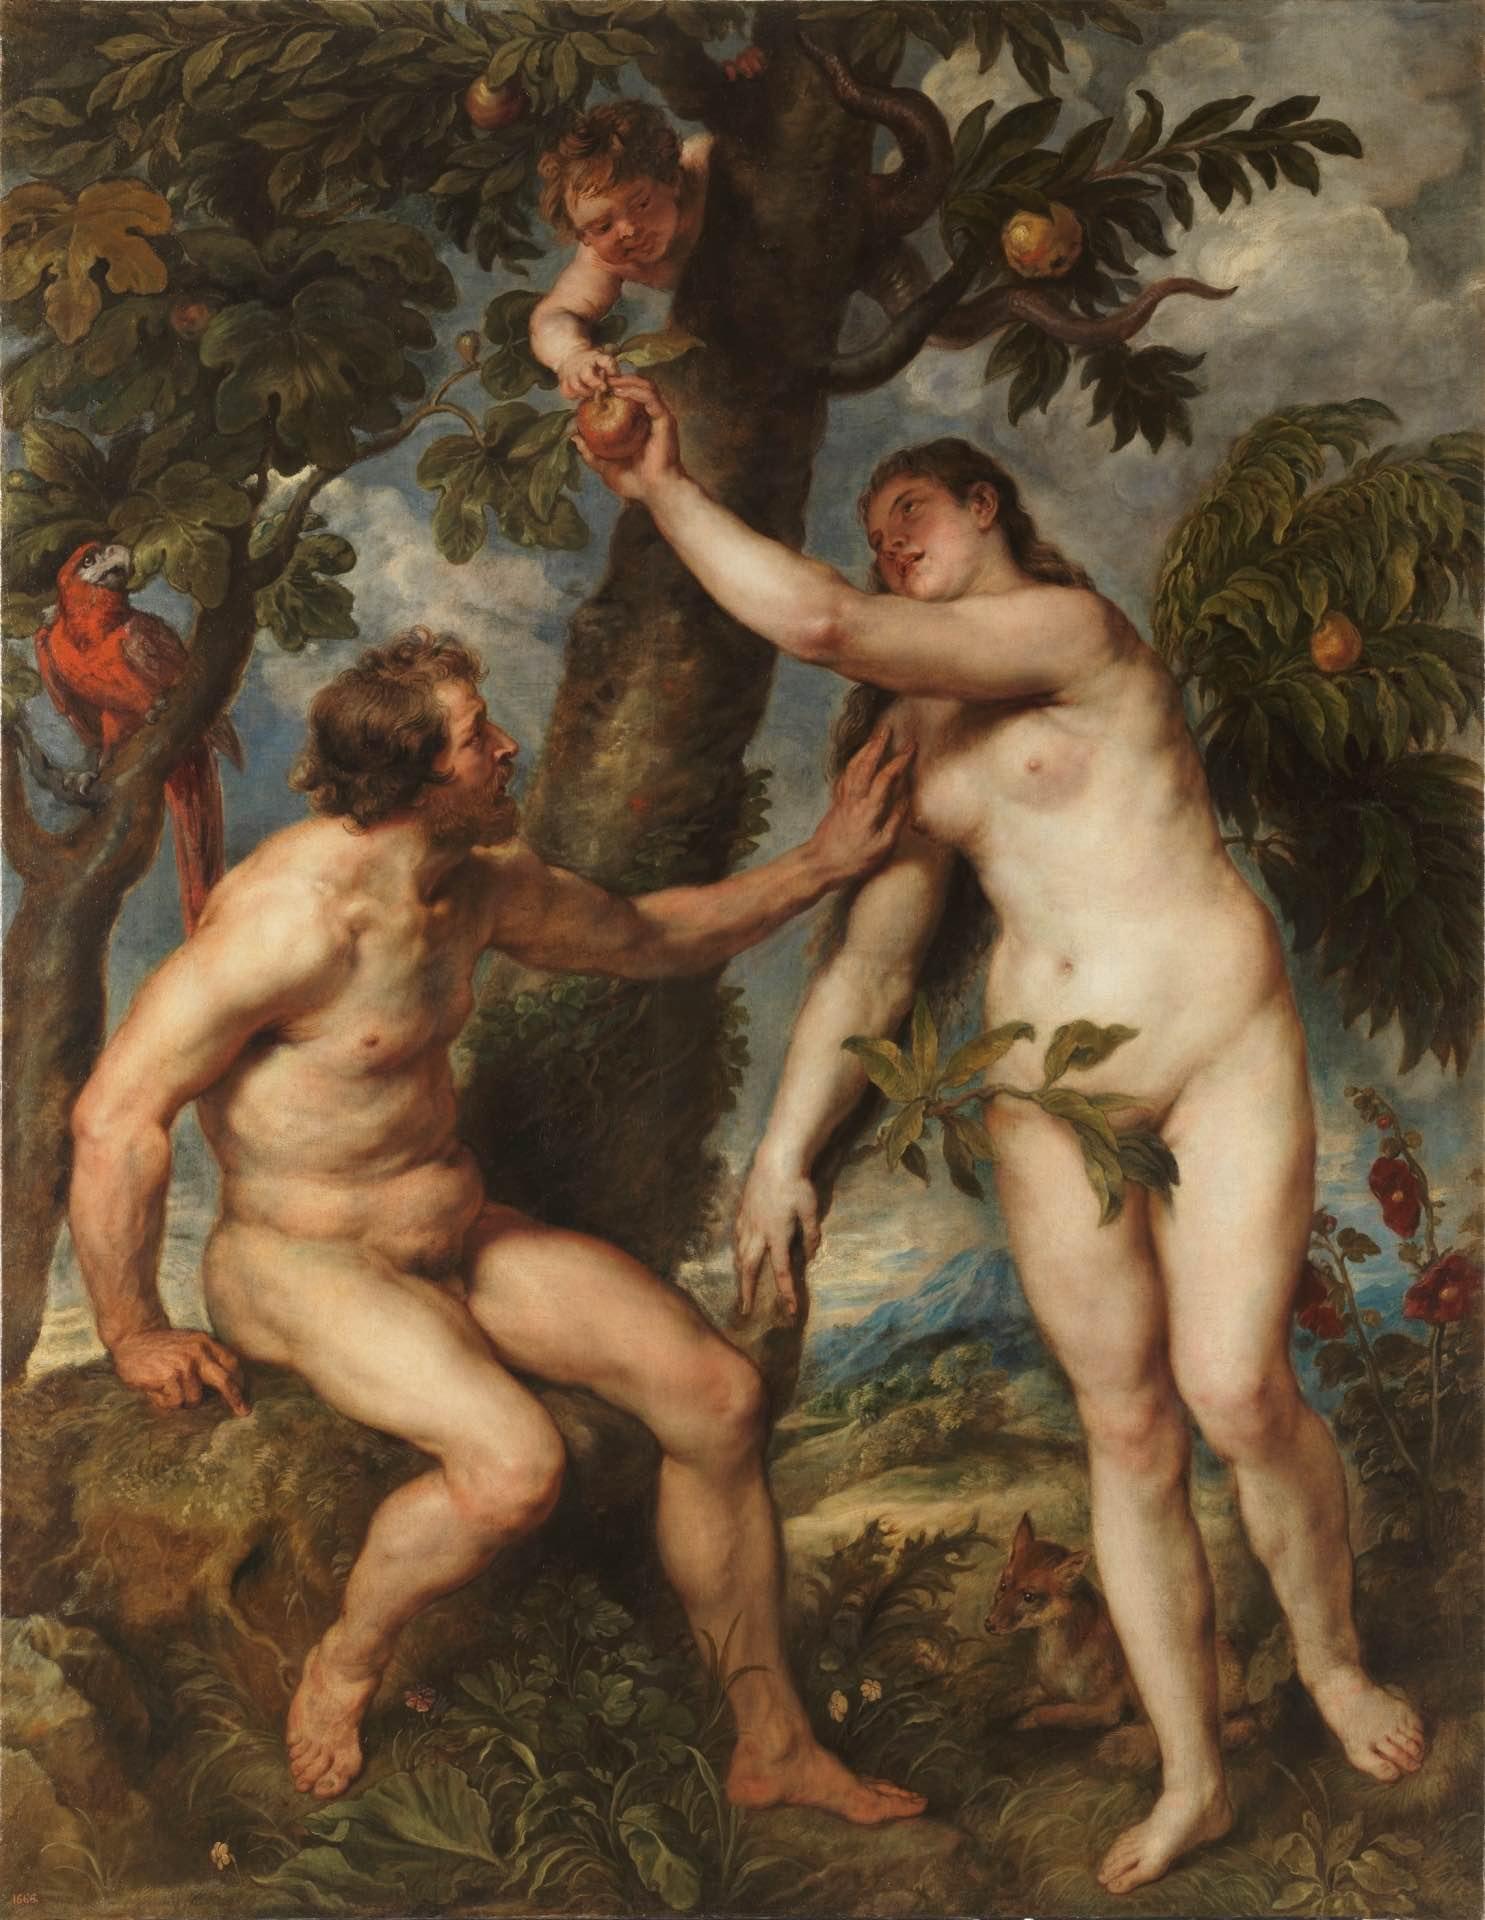 Los Primeros Seres Humanos La Mitología Detrás De Adán Y Eva